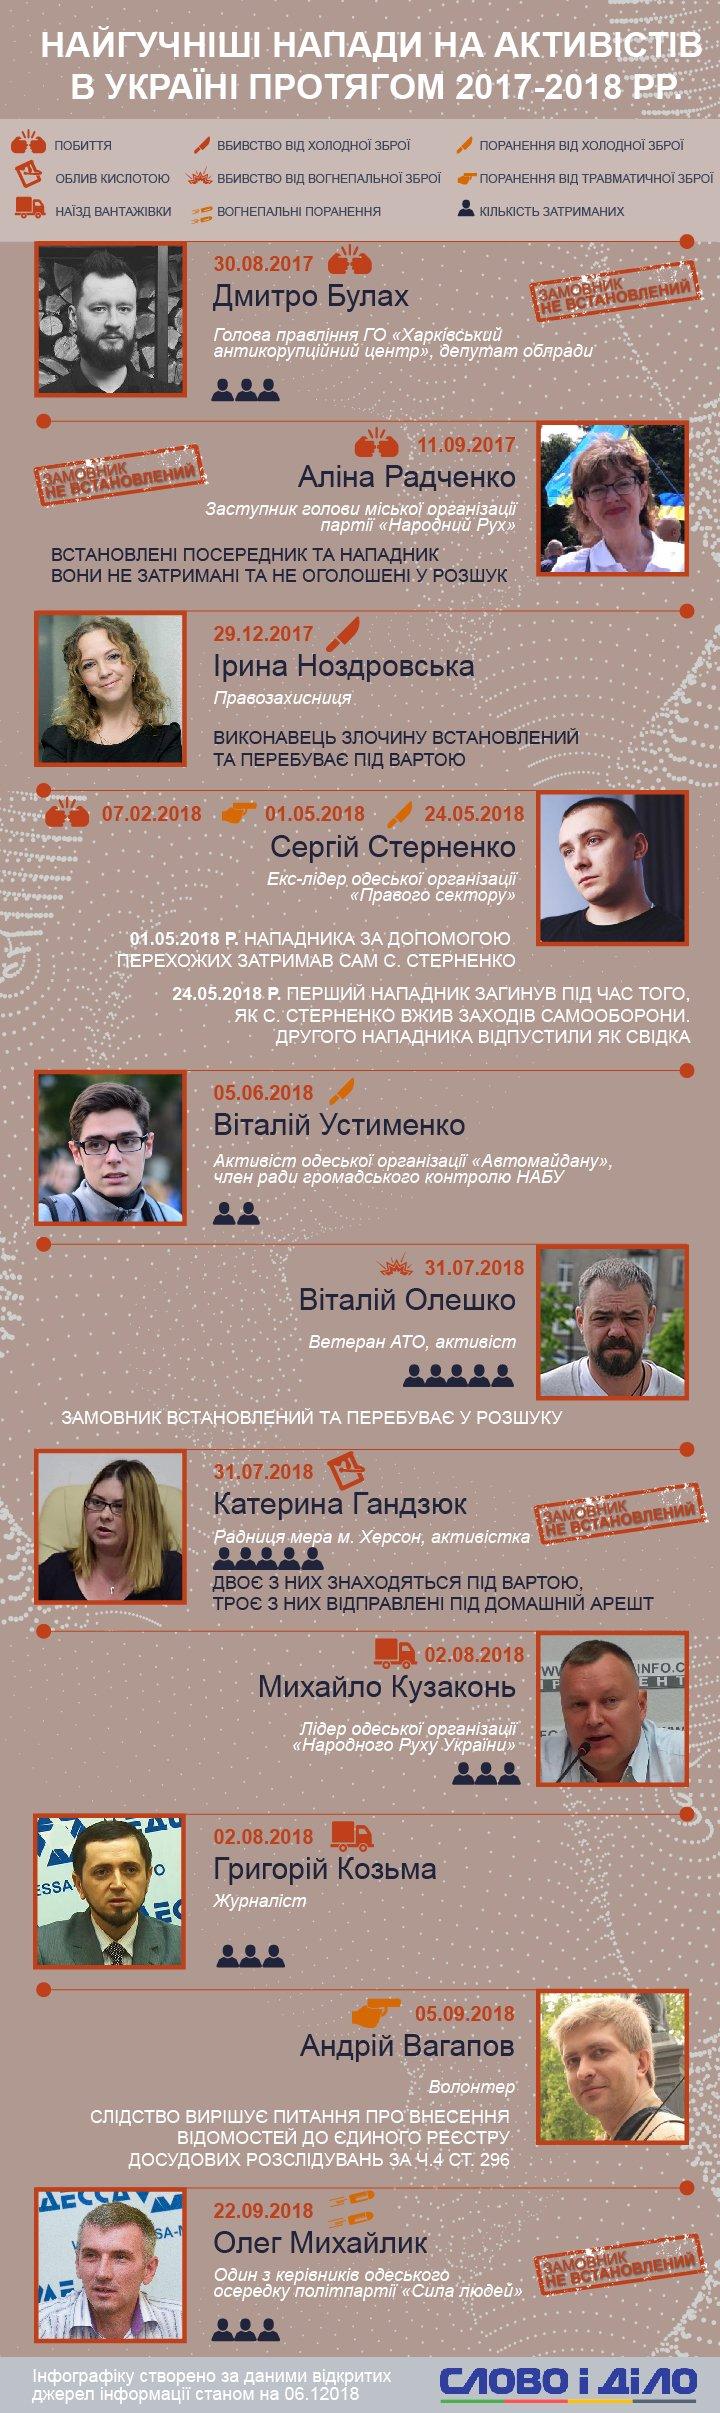 Слово и Дело вспоминает самые громкие нападения на активистов в Украине за прошлый и этот год.